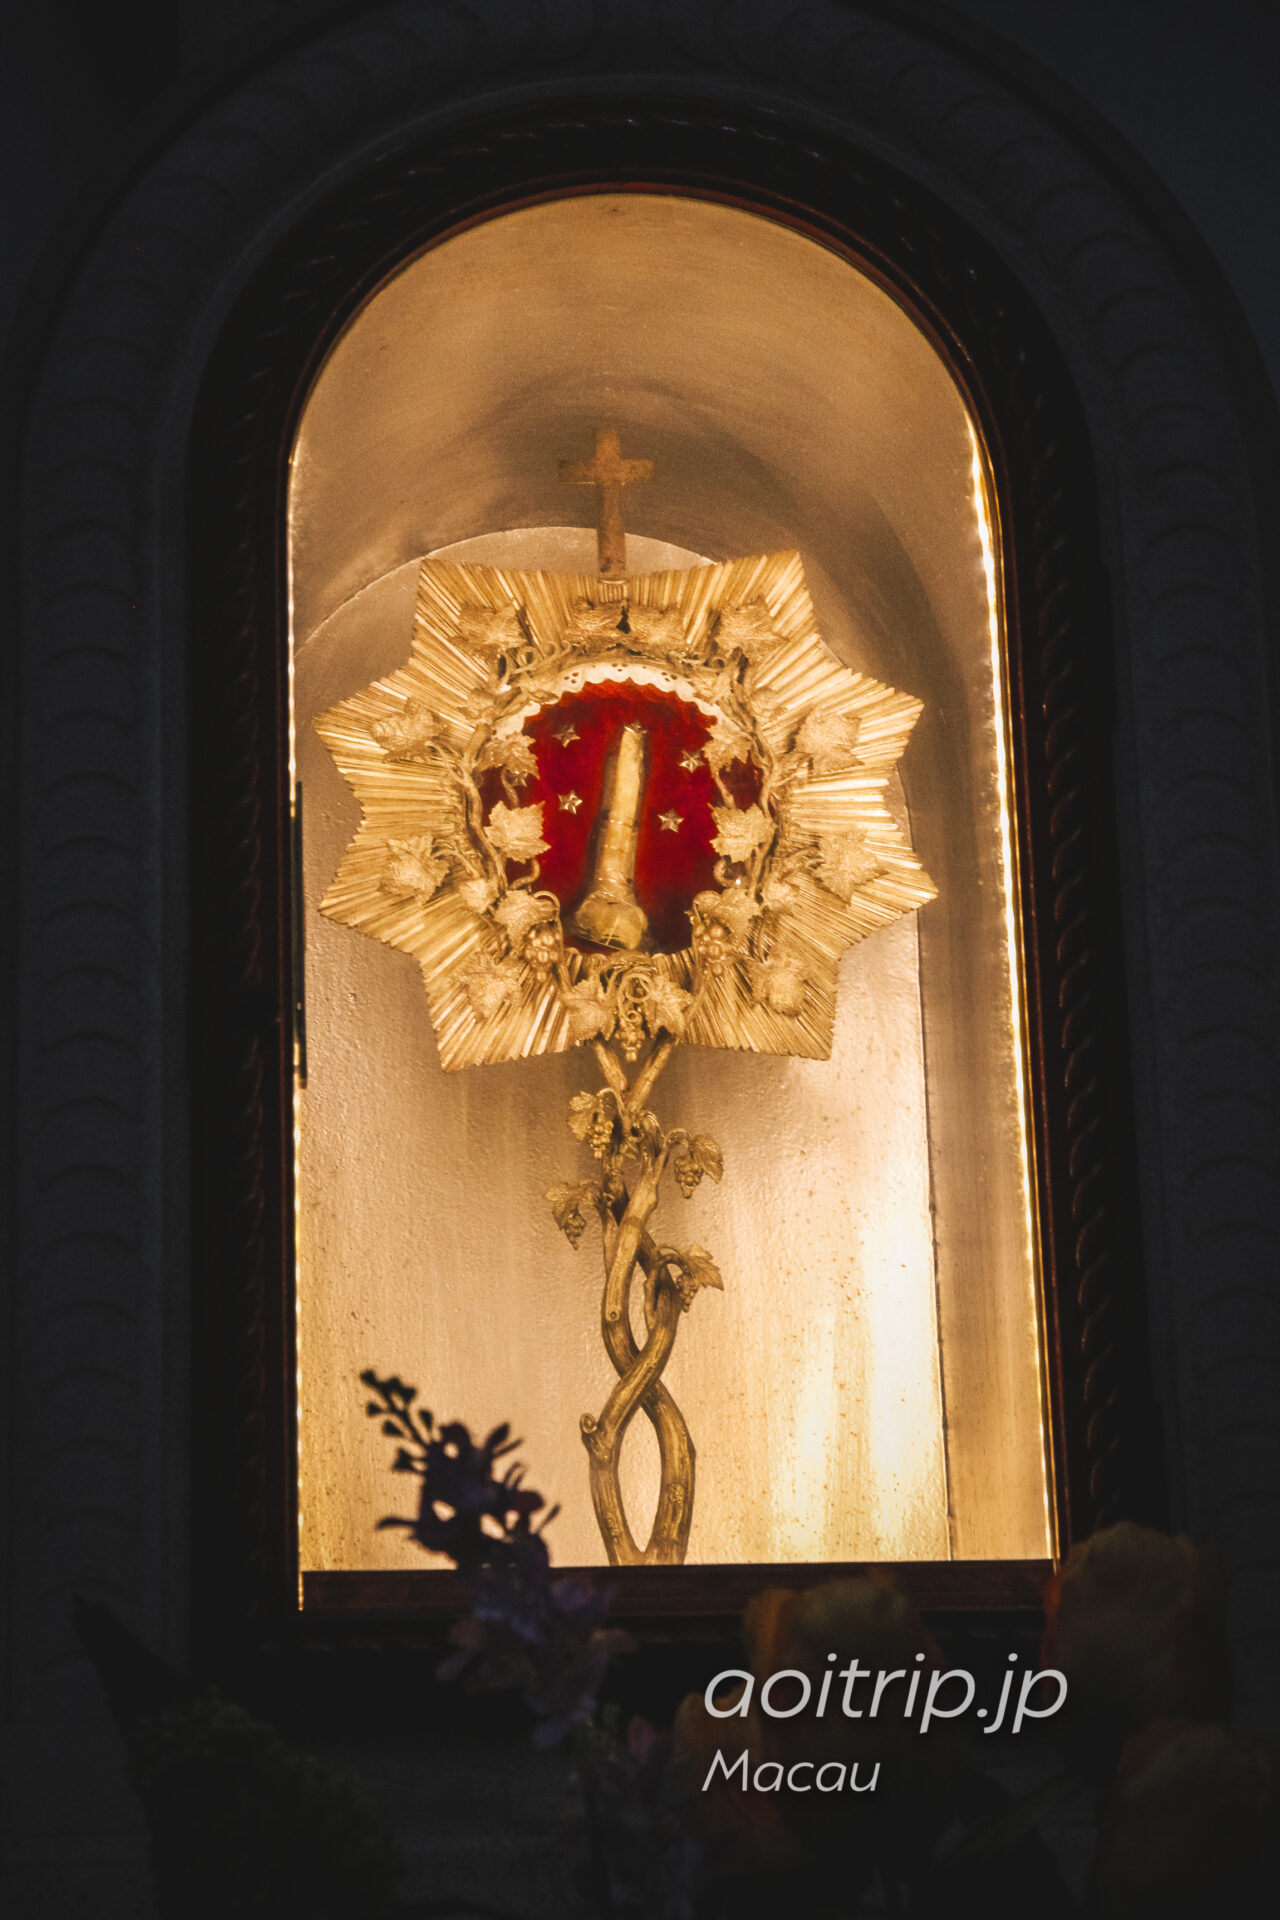 マカオの聖ヨセフ修道院および聖堂にあるザビエルの遺骨